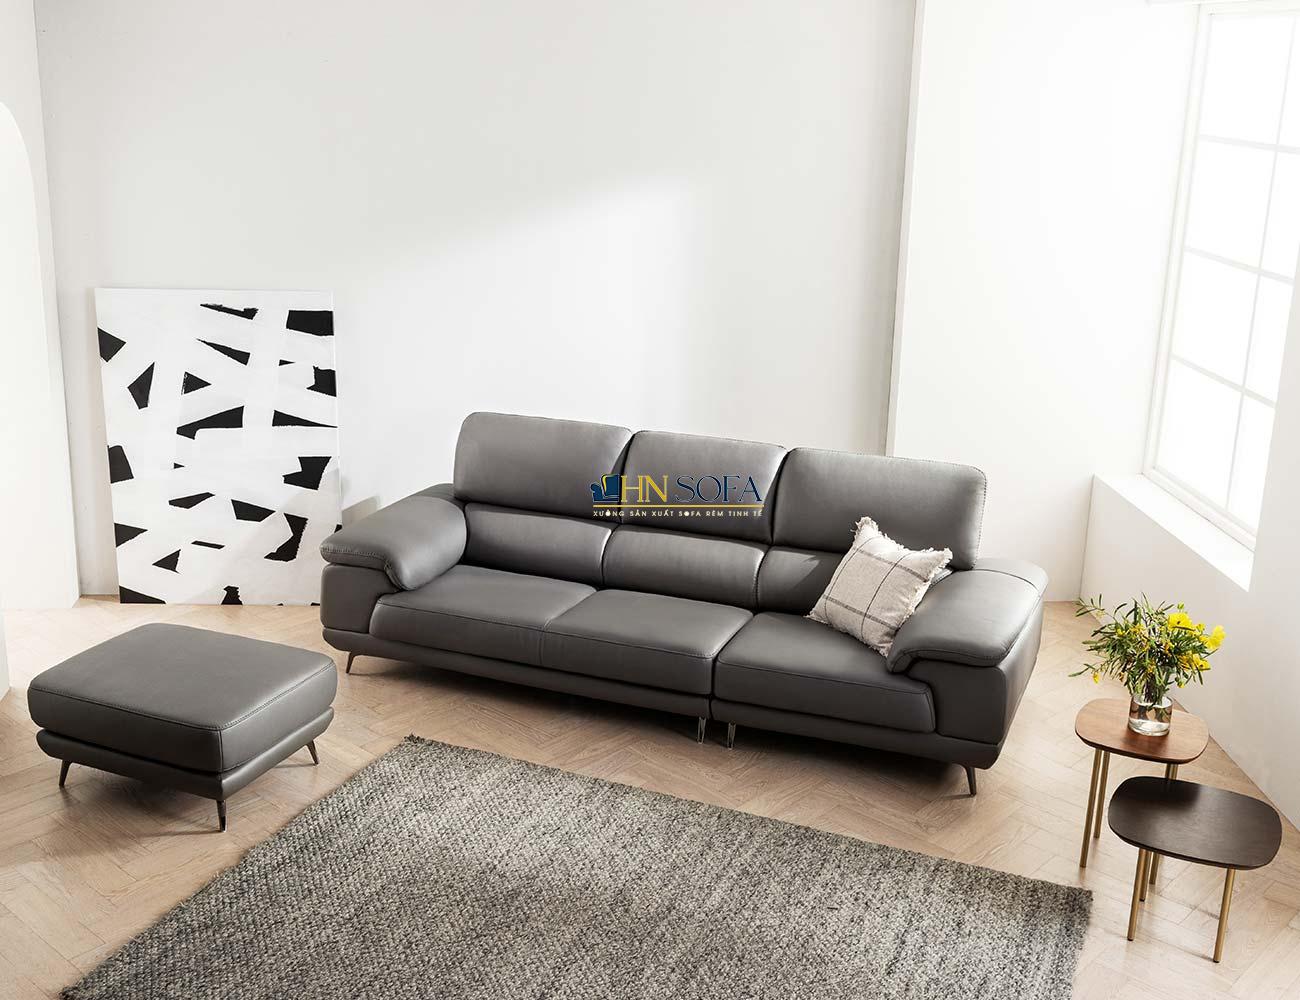 Sofa da mini da HNS69